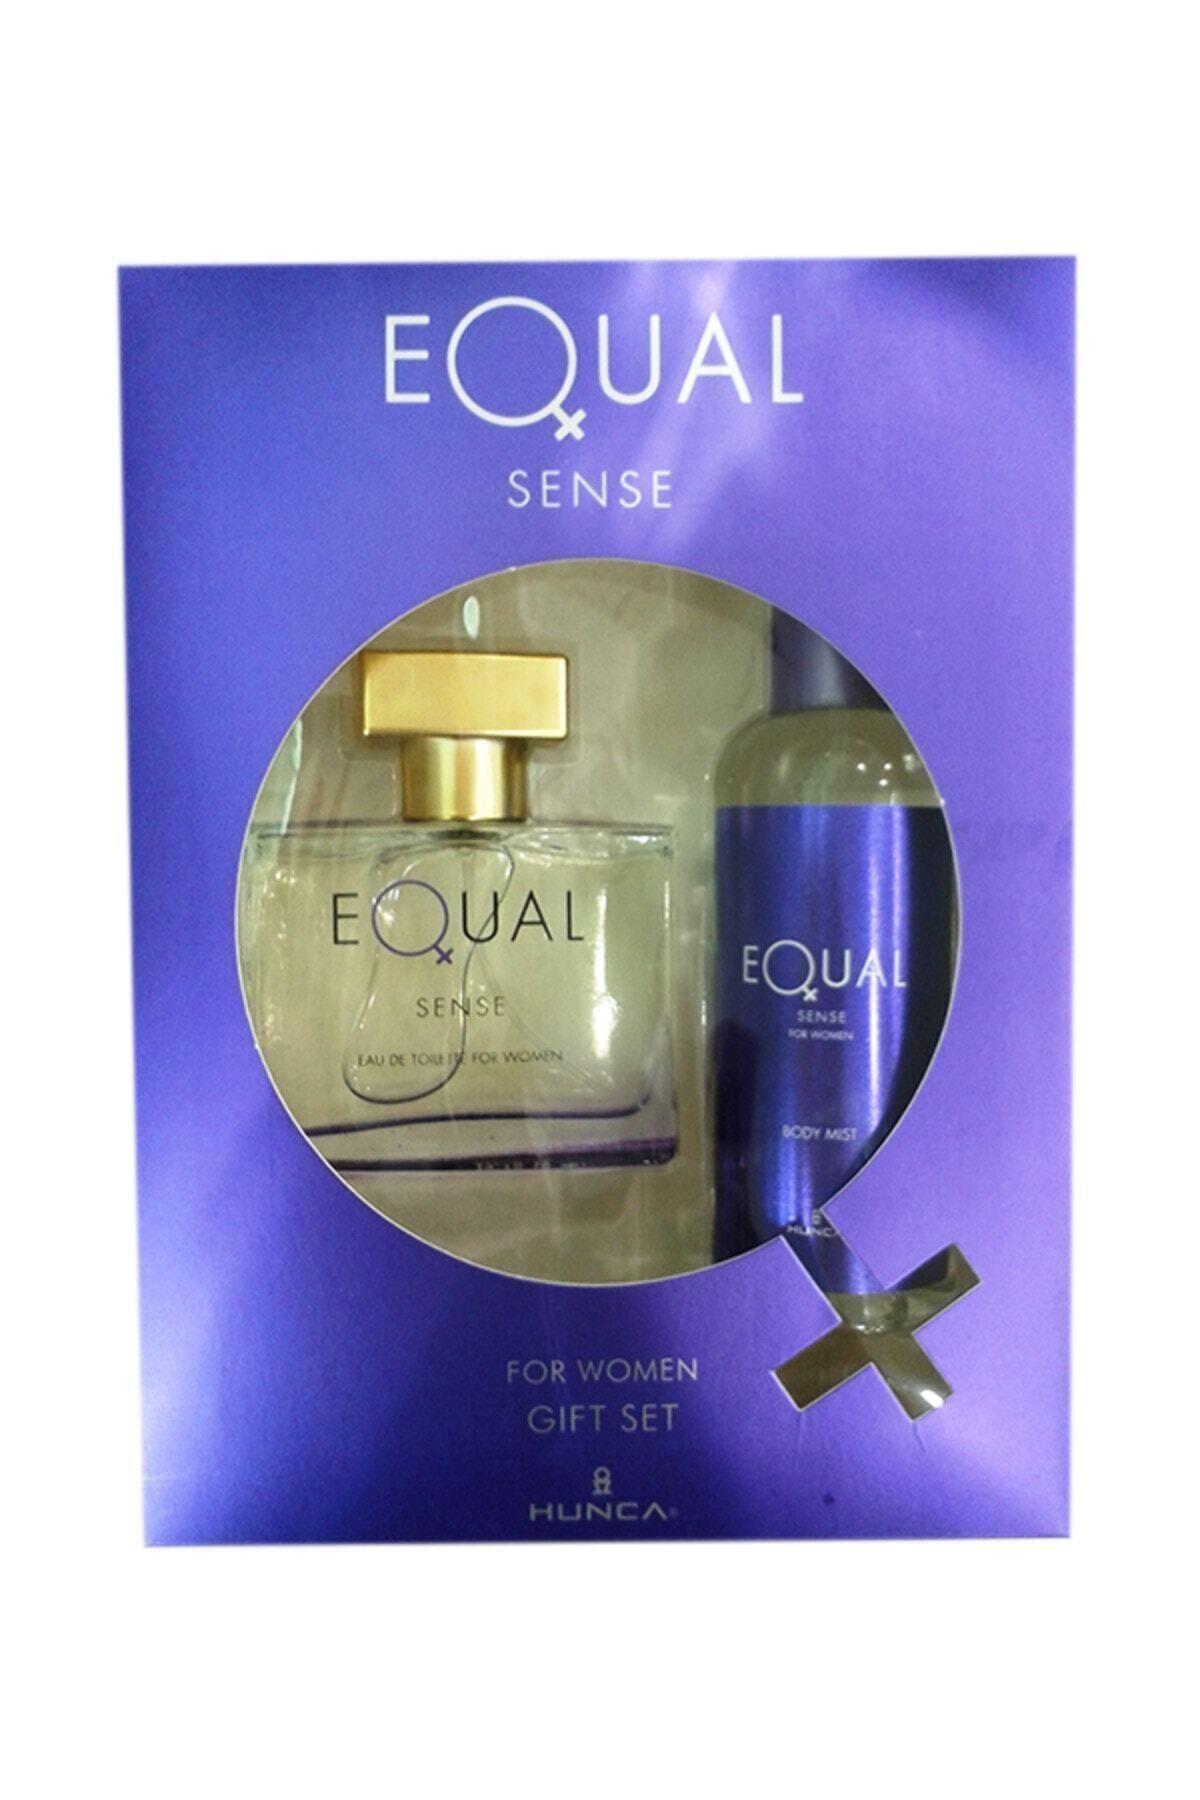 Equal Sense Kadın Edt 75 ml Kadın Parfüm + 150 ml Kofre Vücut Losyon 1